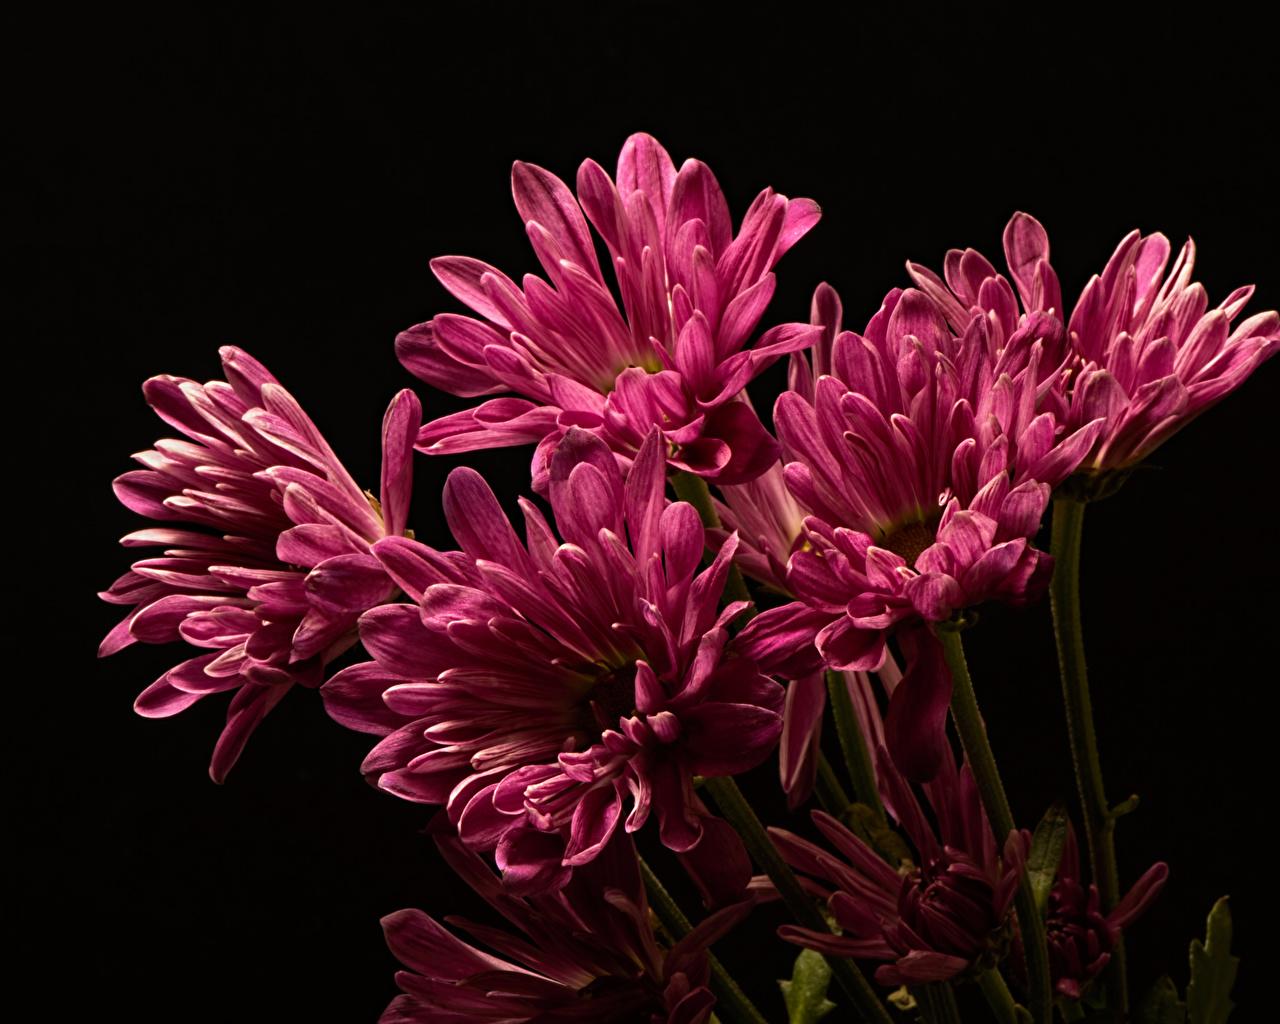 Обои для рабочего стола розовые цветок Хризантемы вблизи на черном фоне розовых Розовый розовая Цветы Черный фон Крупным планом